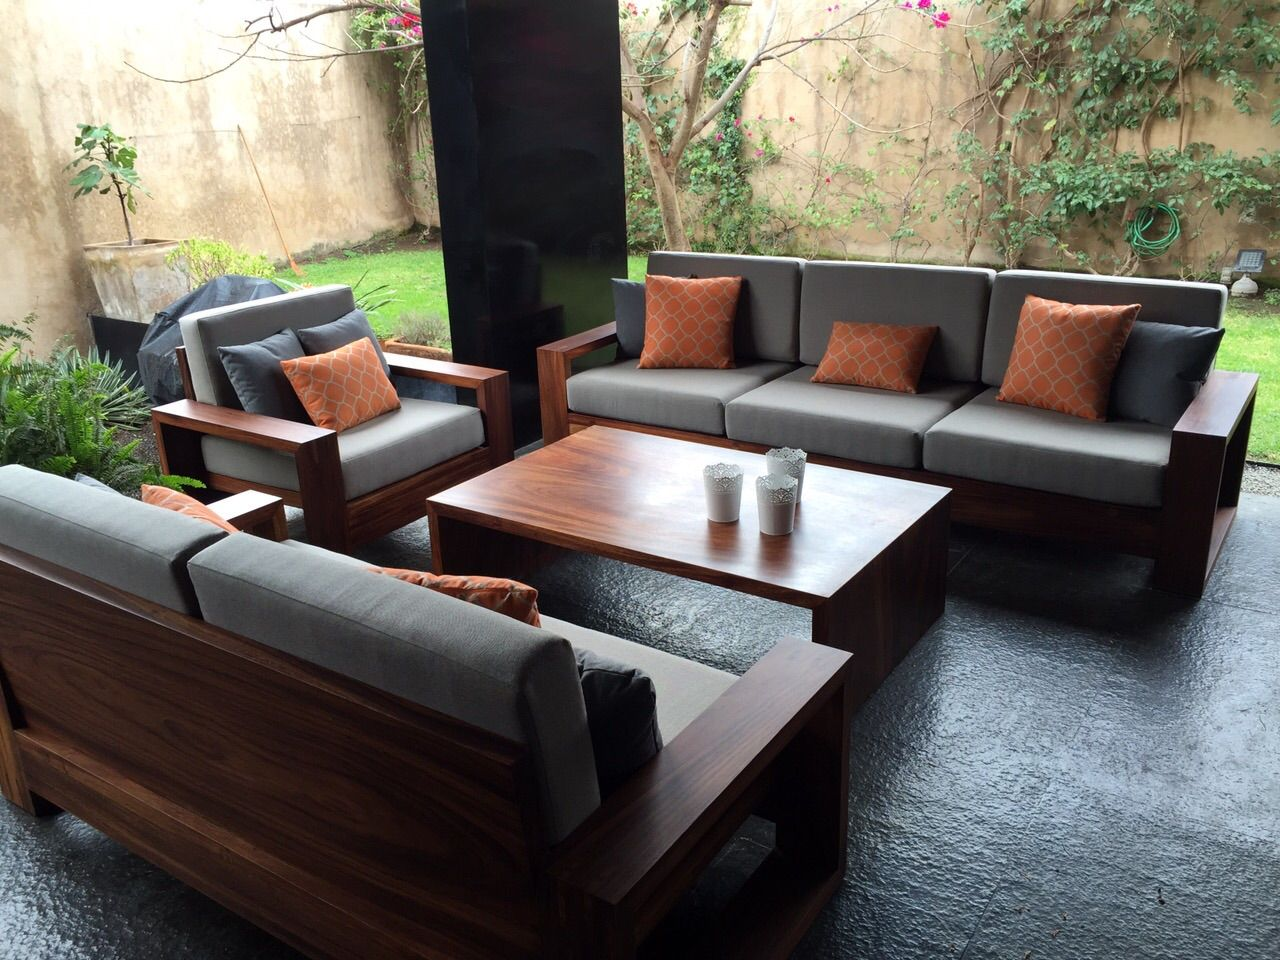 Transmuta Guadalajara Muebles De Madera Arquitectura Dise O  # Muebles Guadalajara